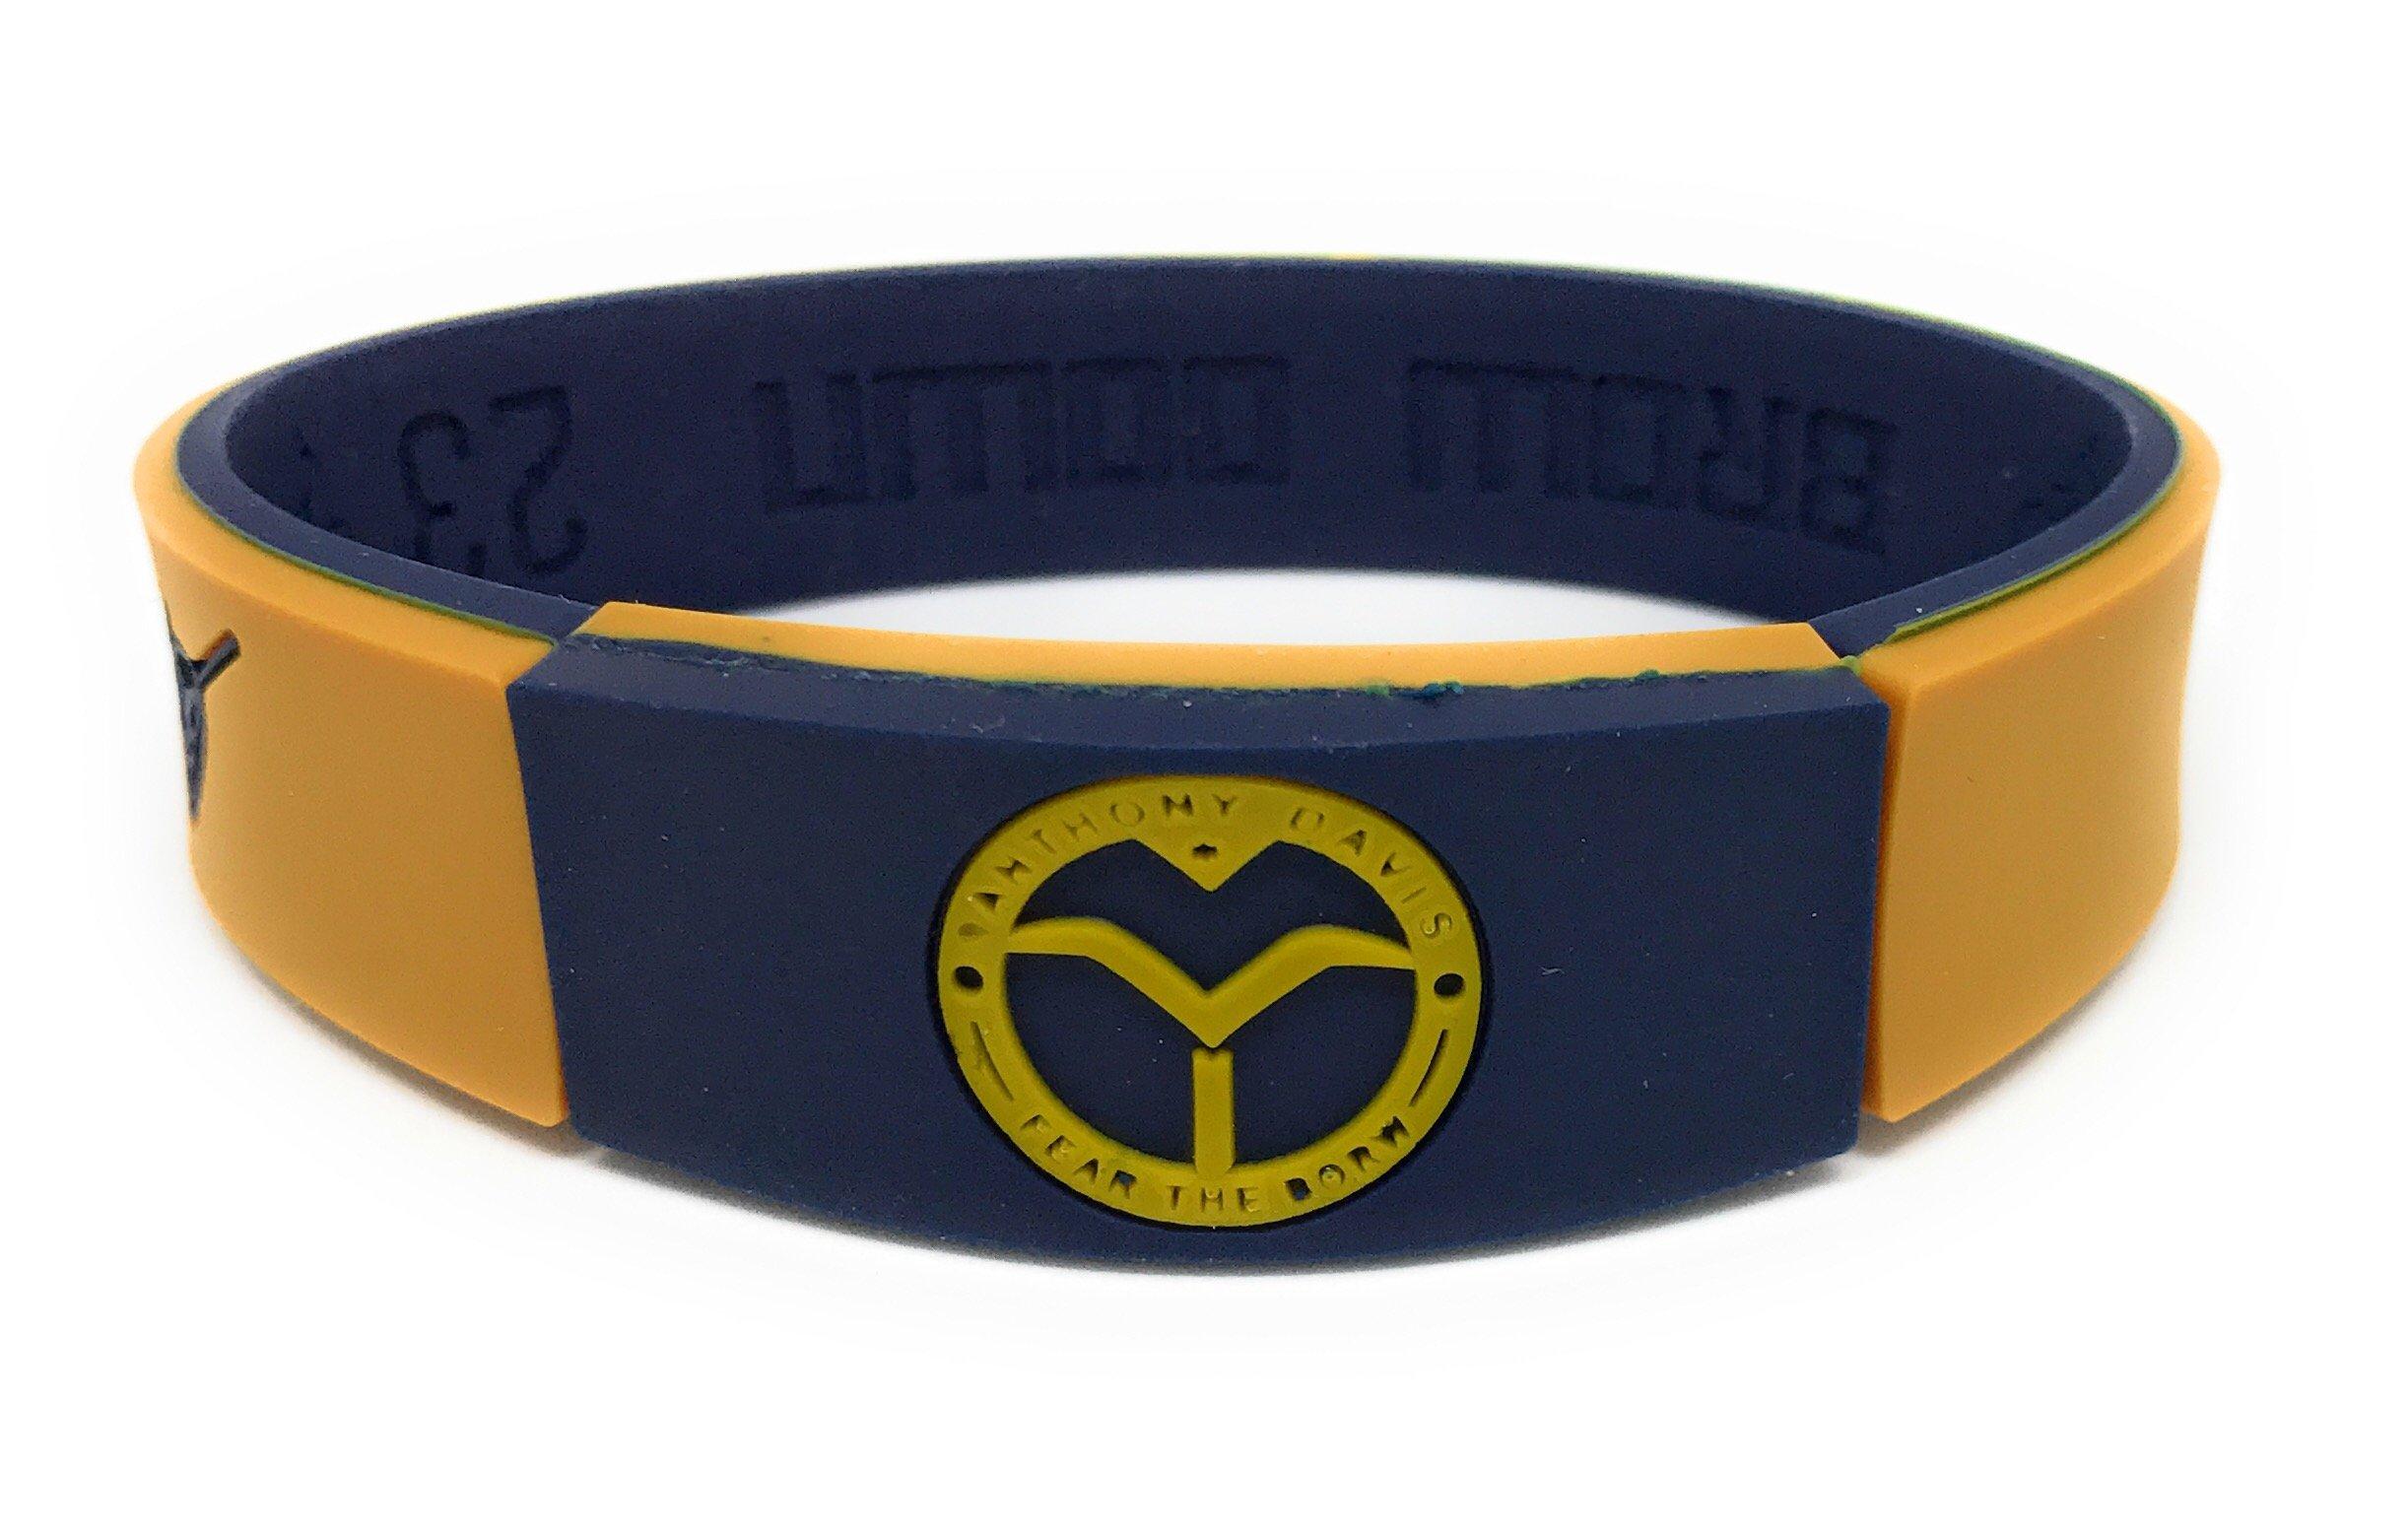 KIDS SportsBraceletsPro REVERSIBLE KIDS Wristband KIDS SIZE 6.7'' Size Bracelet (Davis KID 6.7'' Black/Gold)